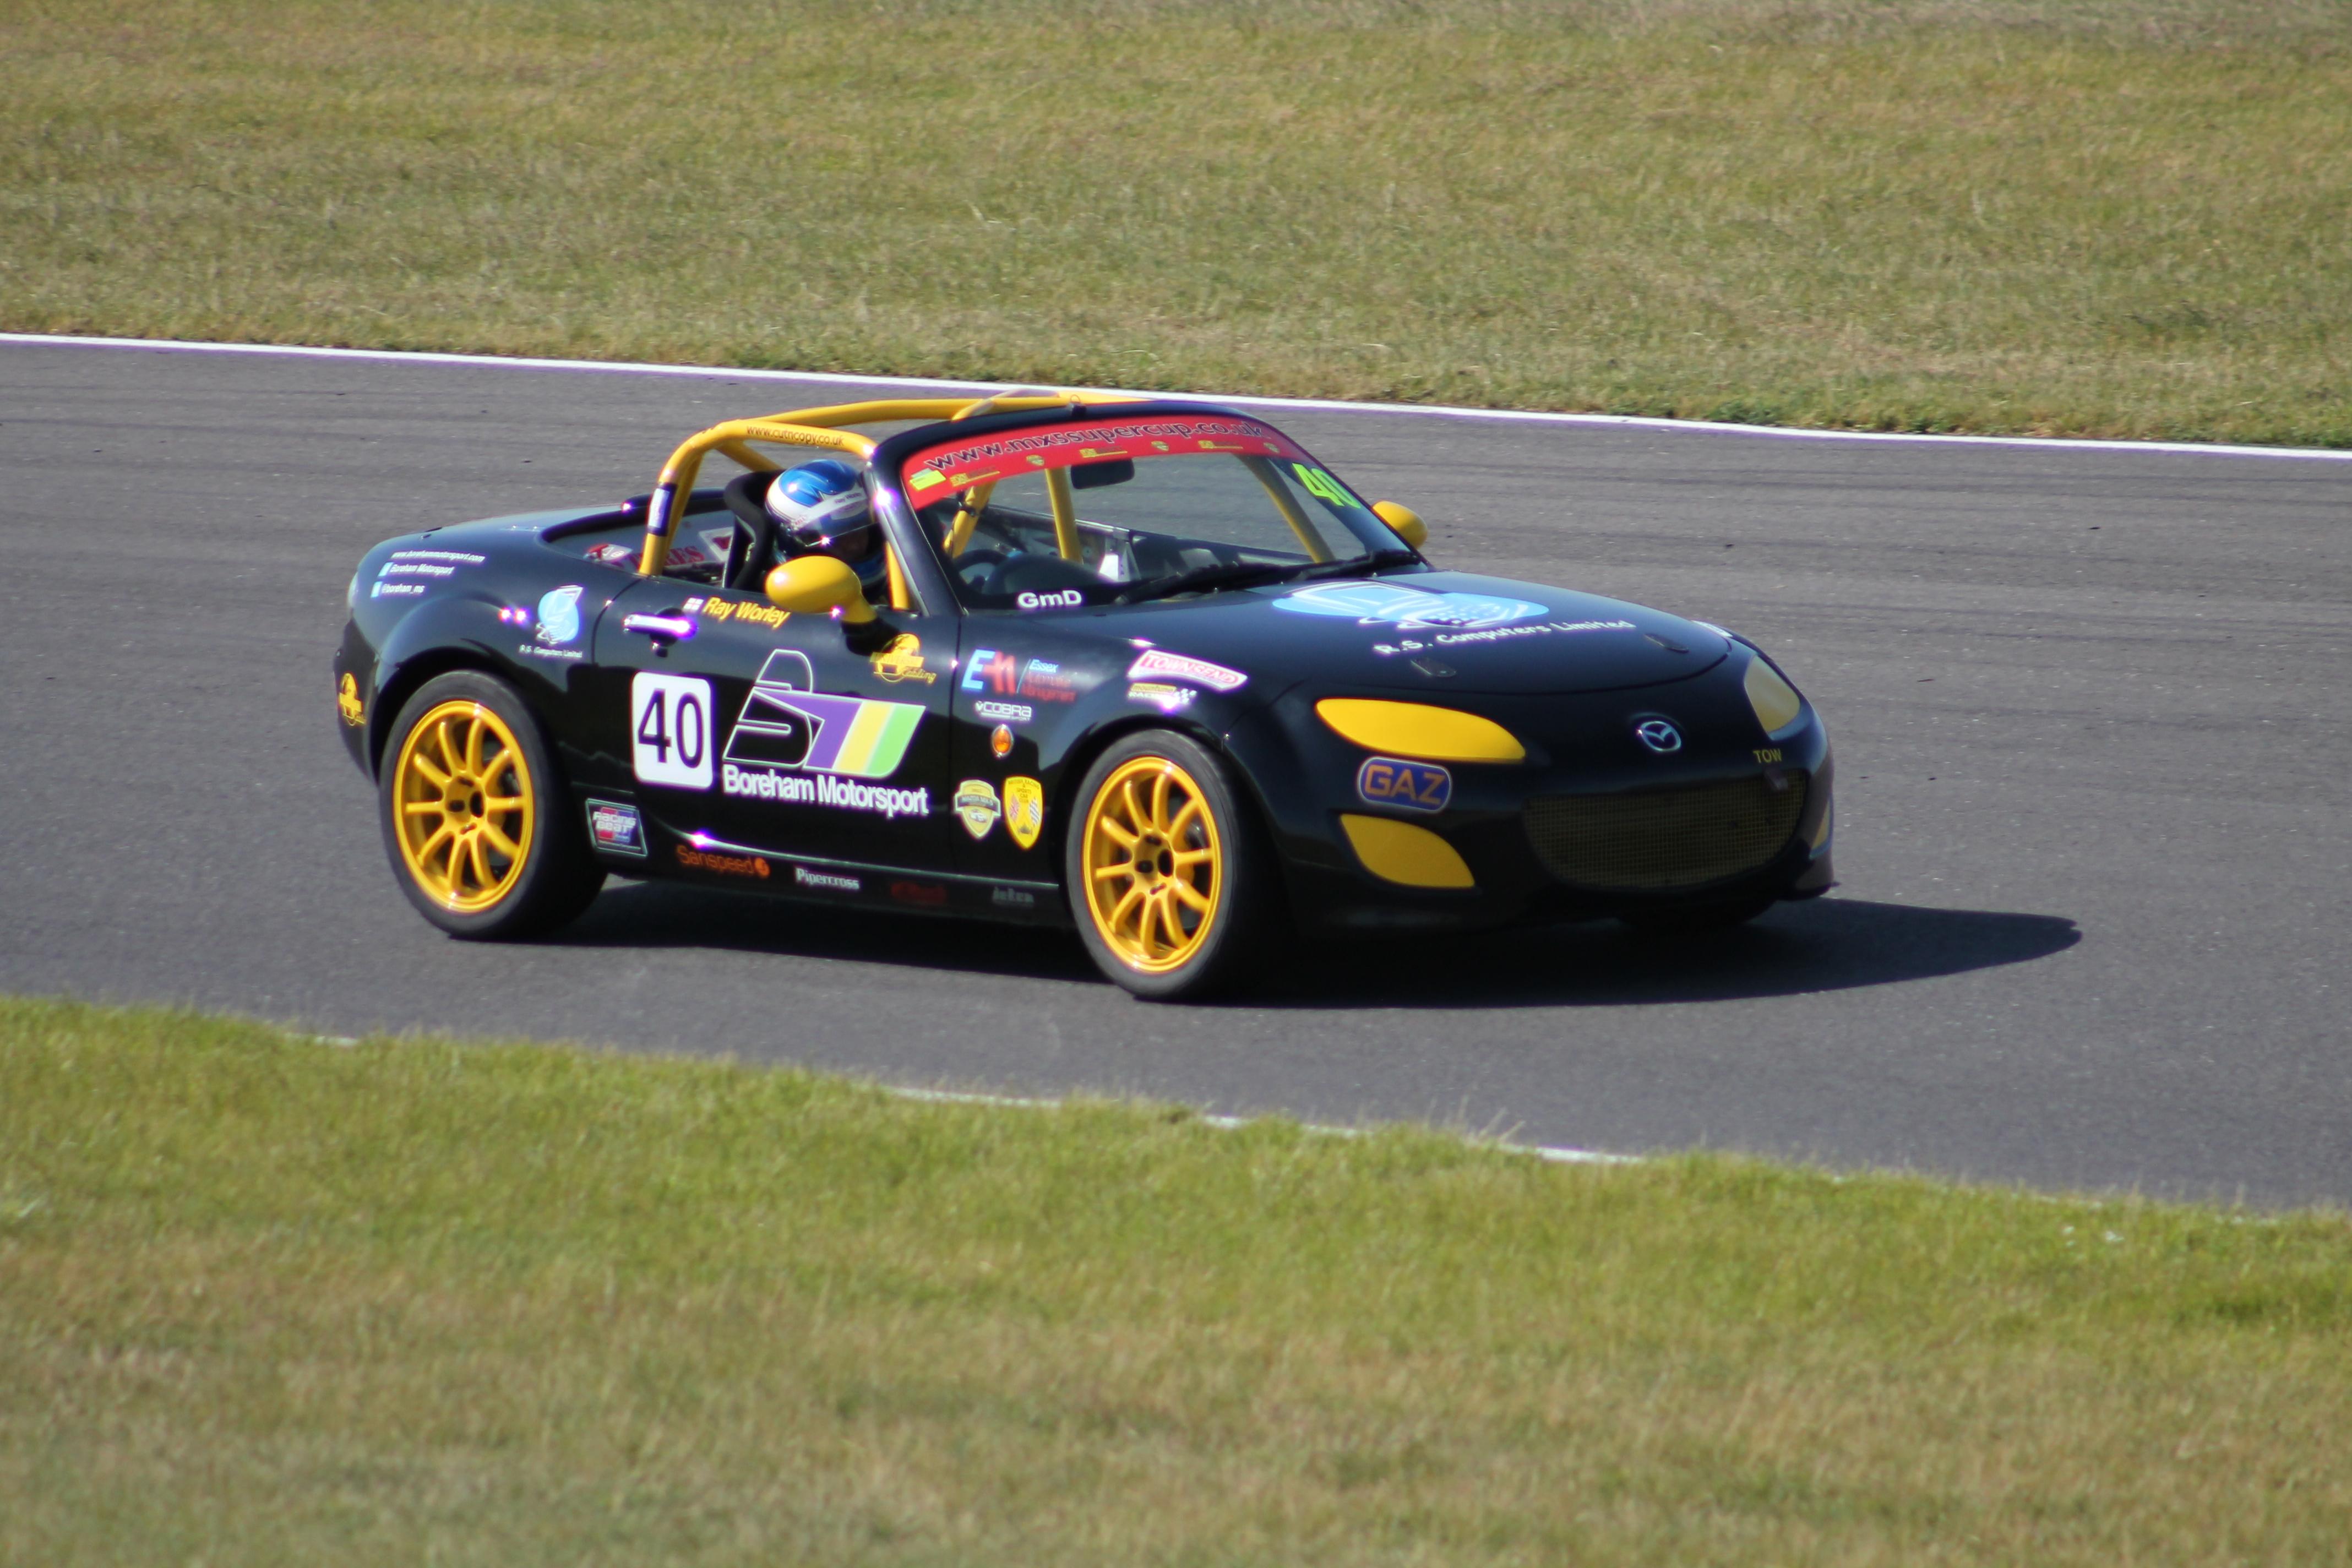 Snetterton BRSCC MX-5 SuperCup 2015